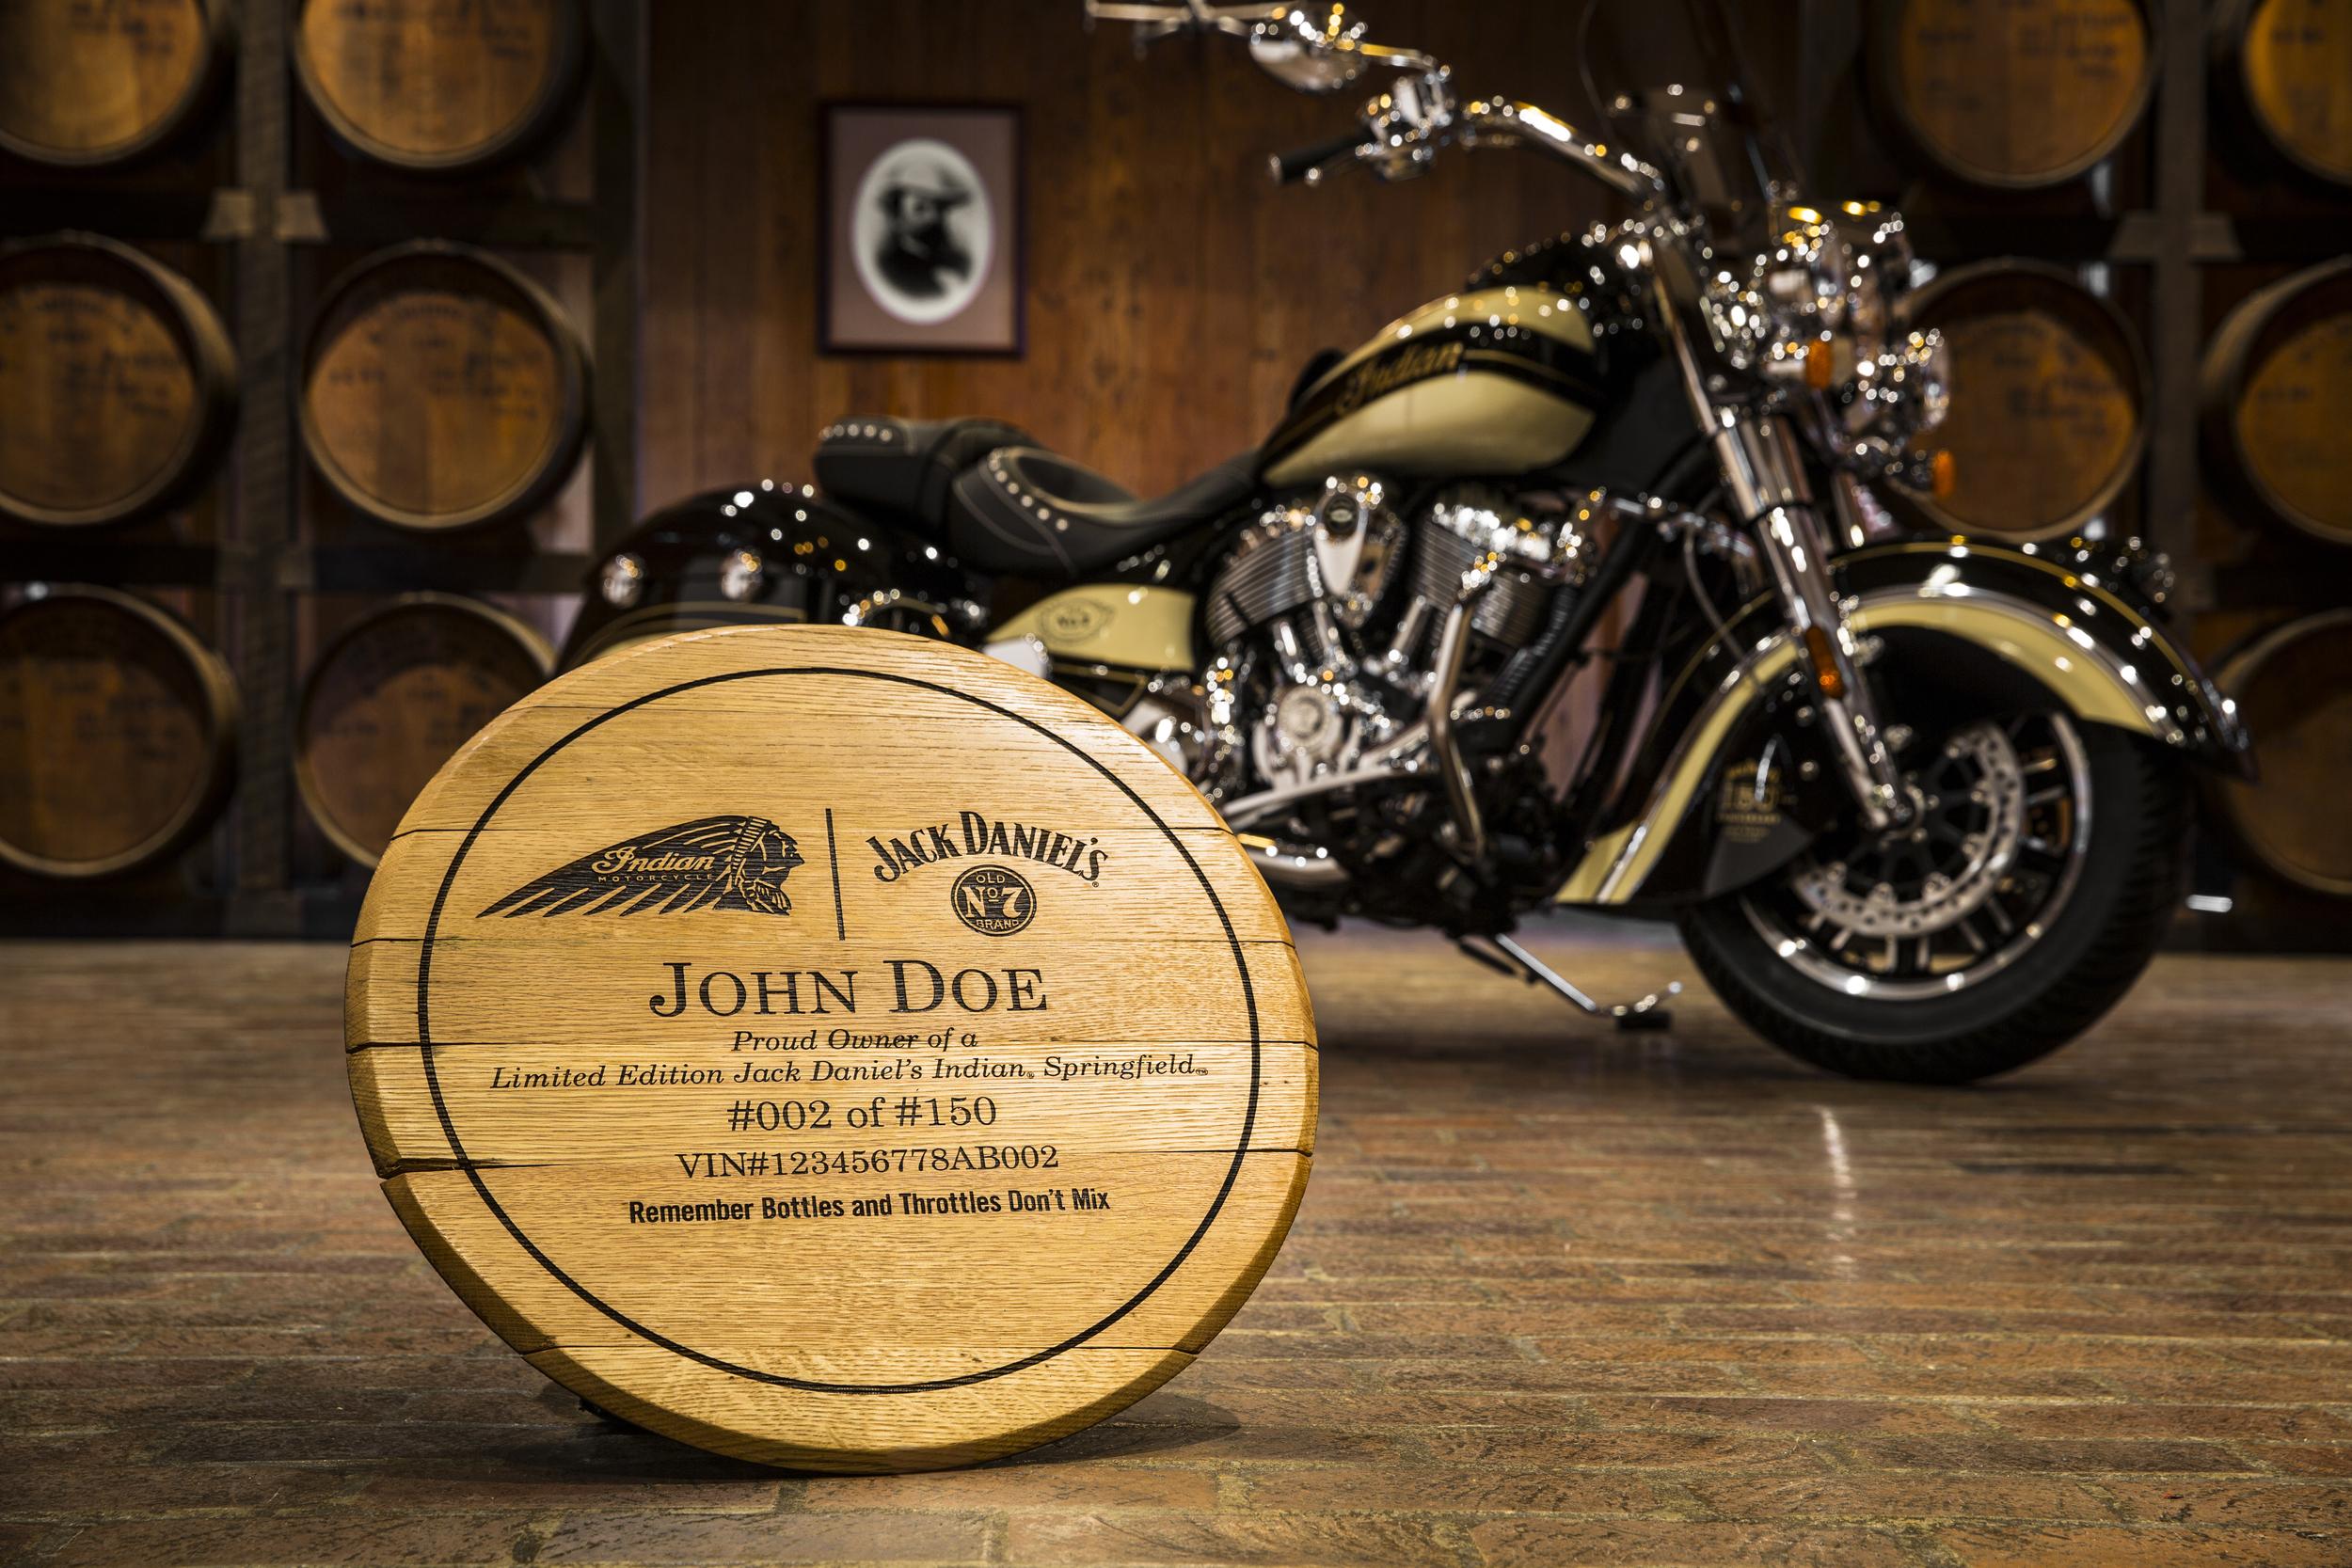 IND-JackDaniels-Custom-0131.JPG